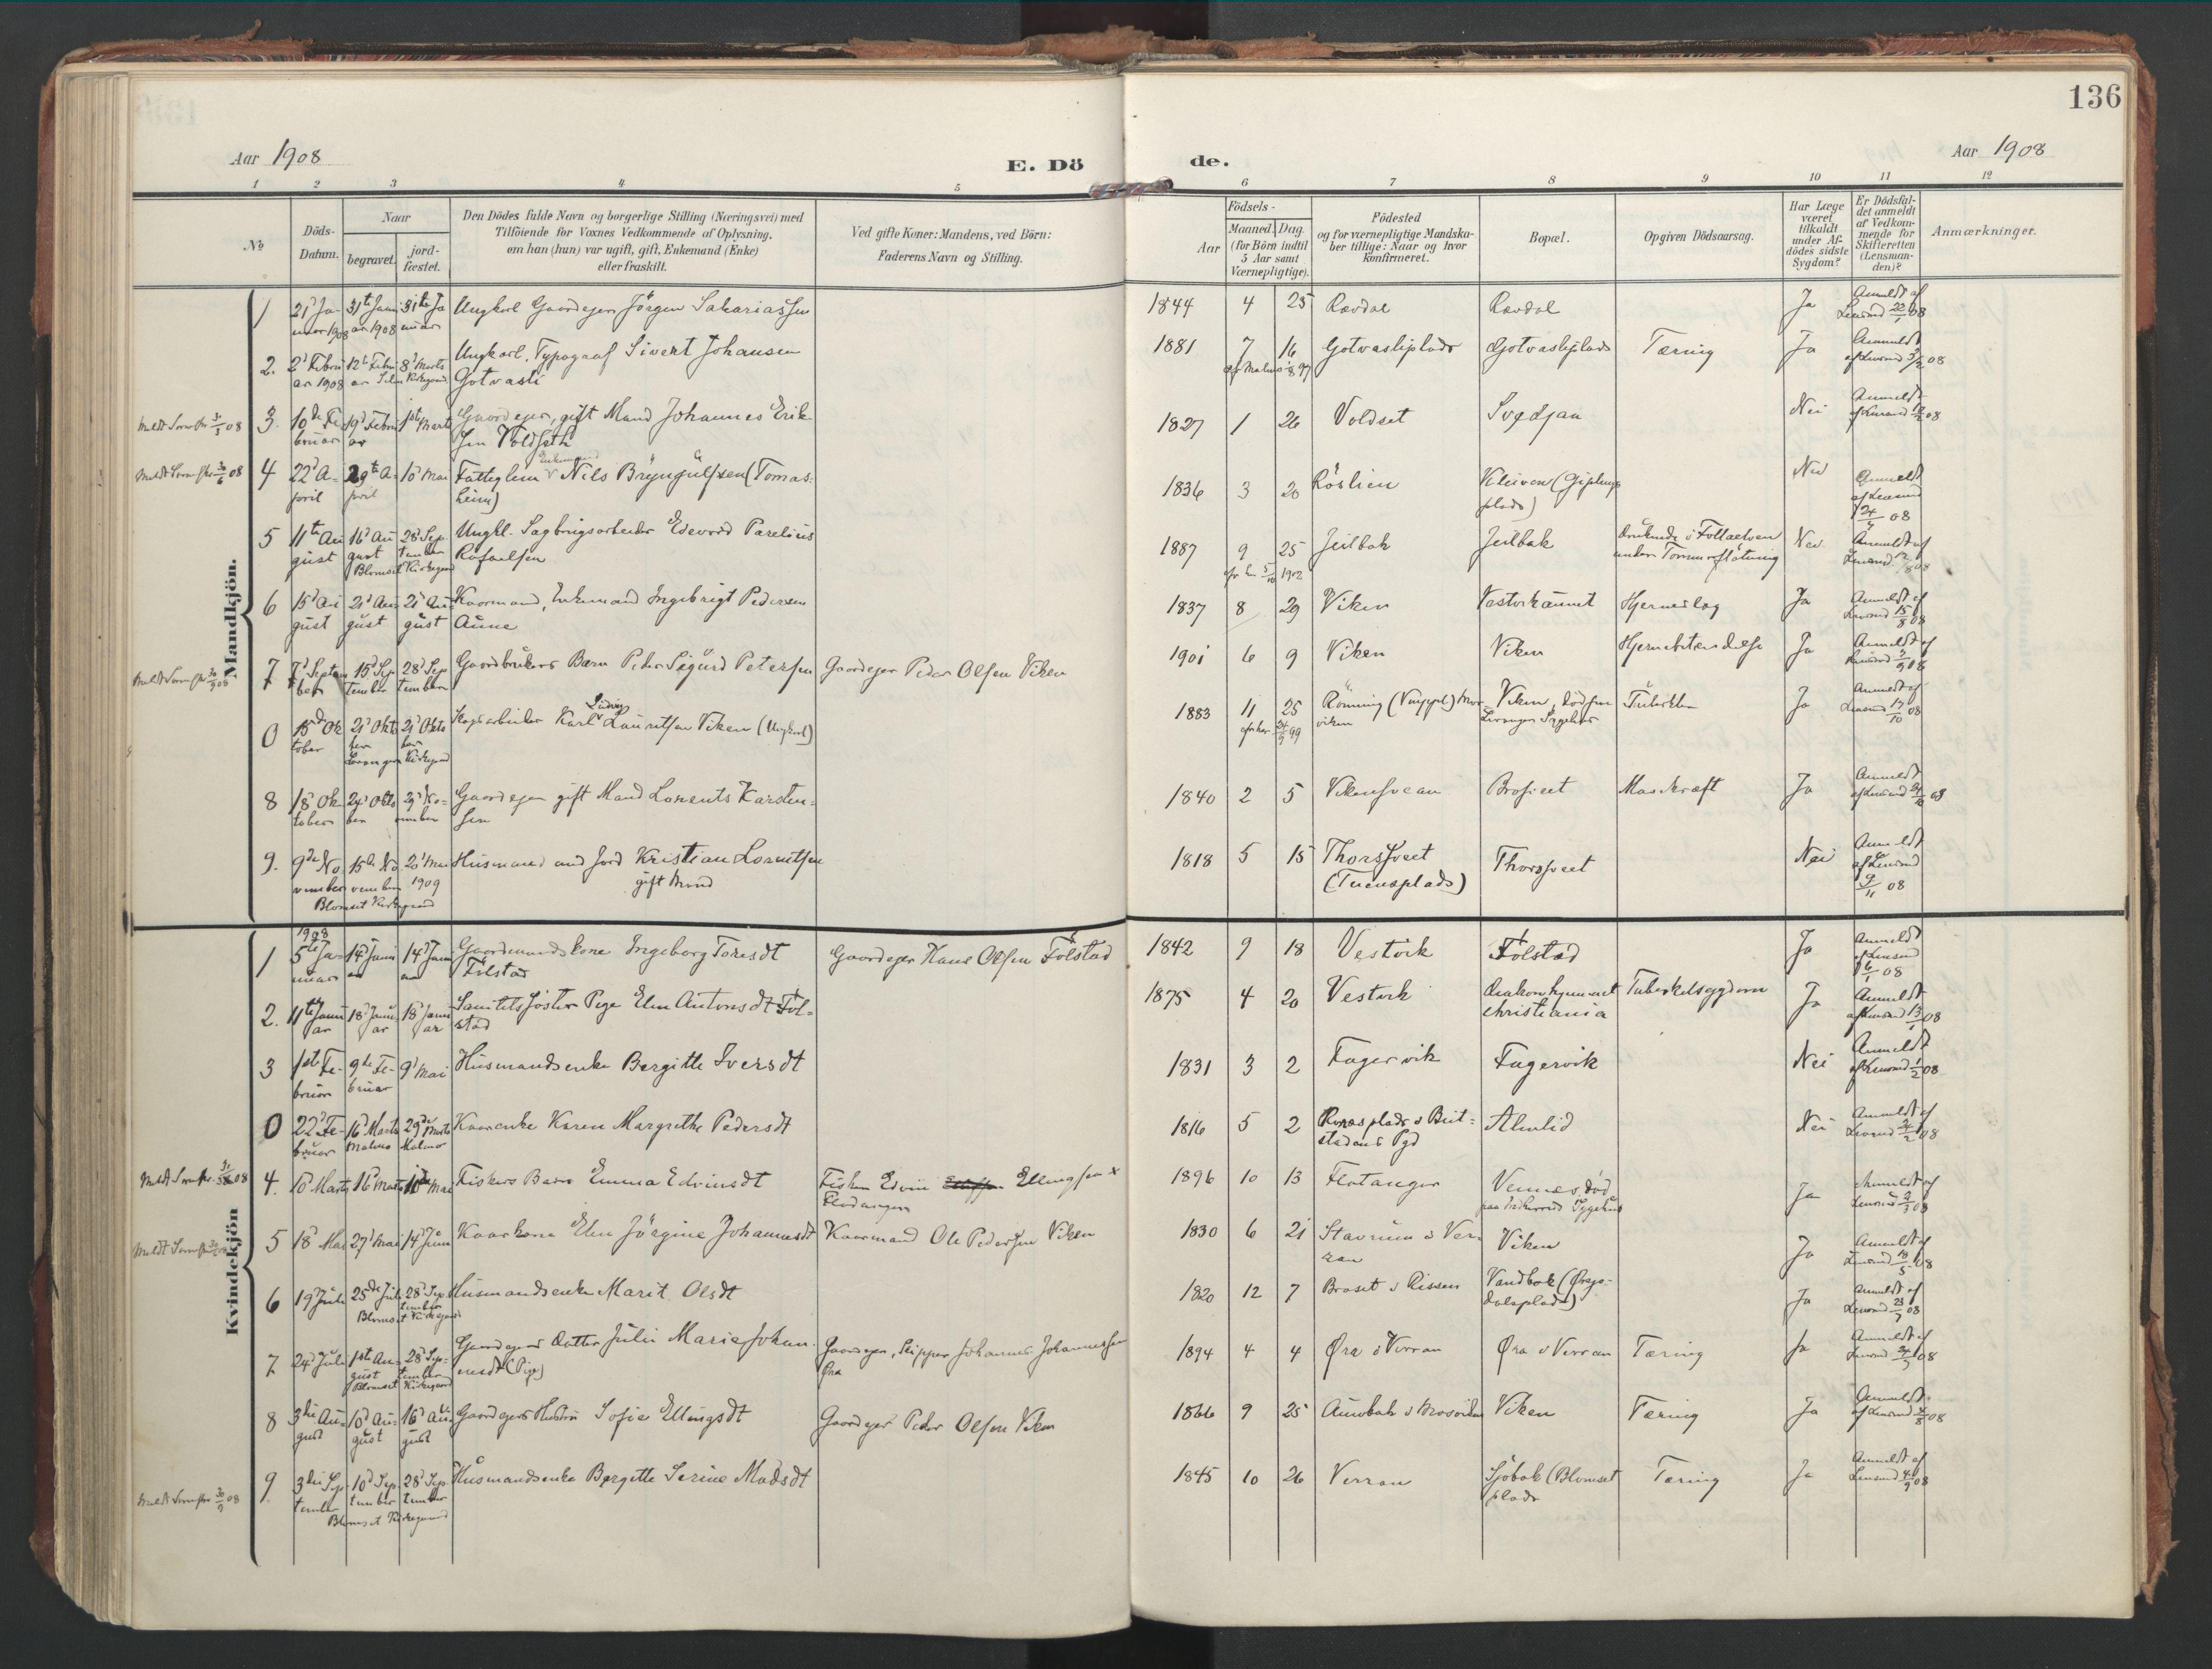 SAT, Ministerialprotokoller, klokkerbøker og fødselsregistre - Nord-Trøndelag, 744/L0421: Ministerialbok nr. 744A05, 1905-1930, s. 136